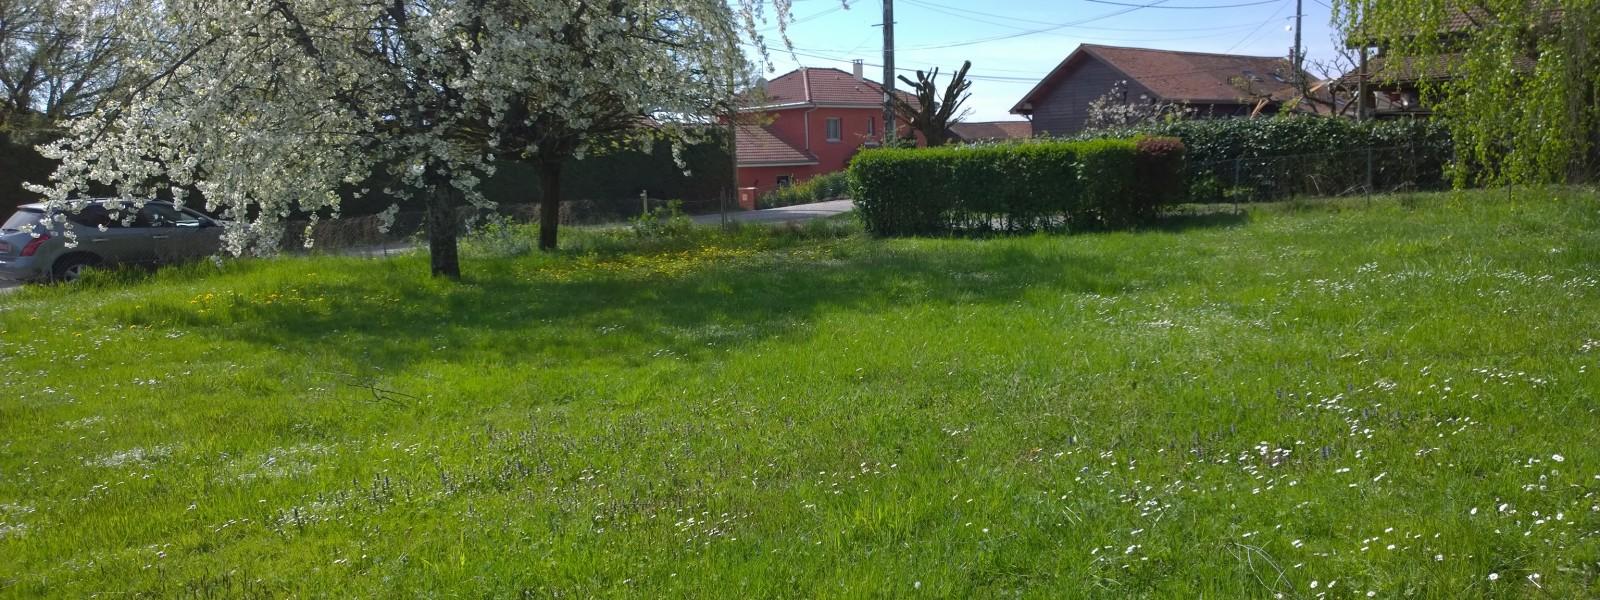 LES JARDINS D'ISABELLE - Visuel 1 - Impact immobilier 01